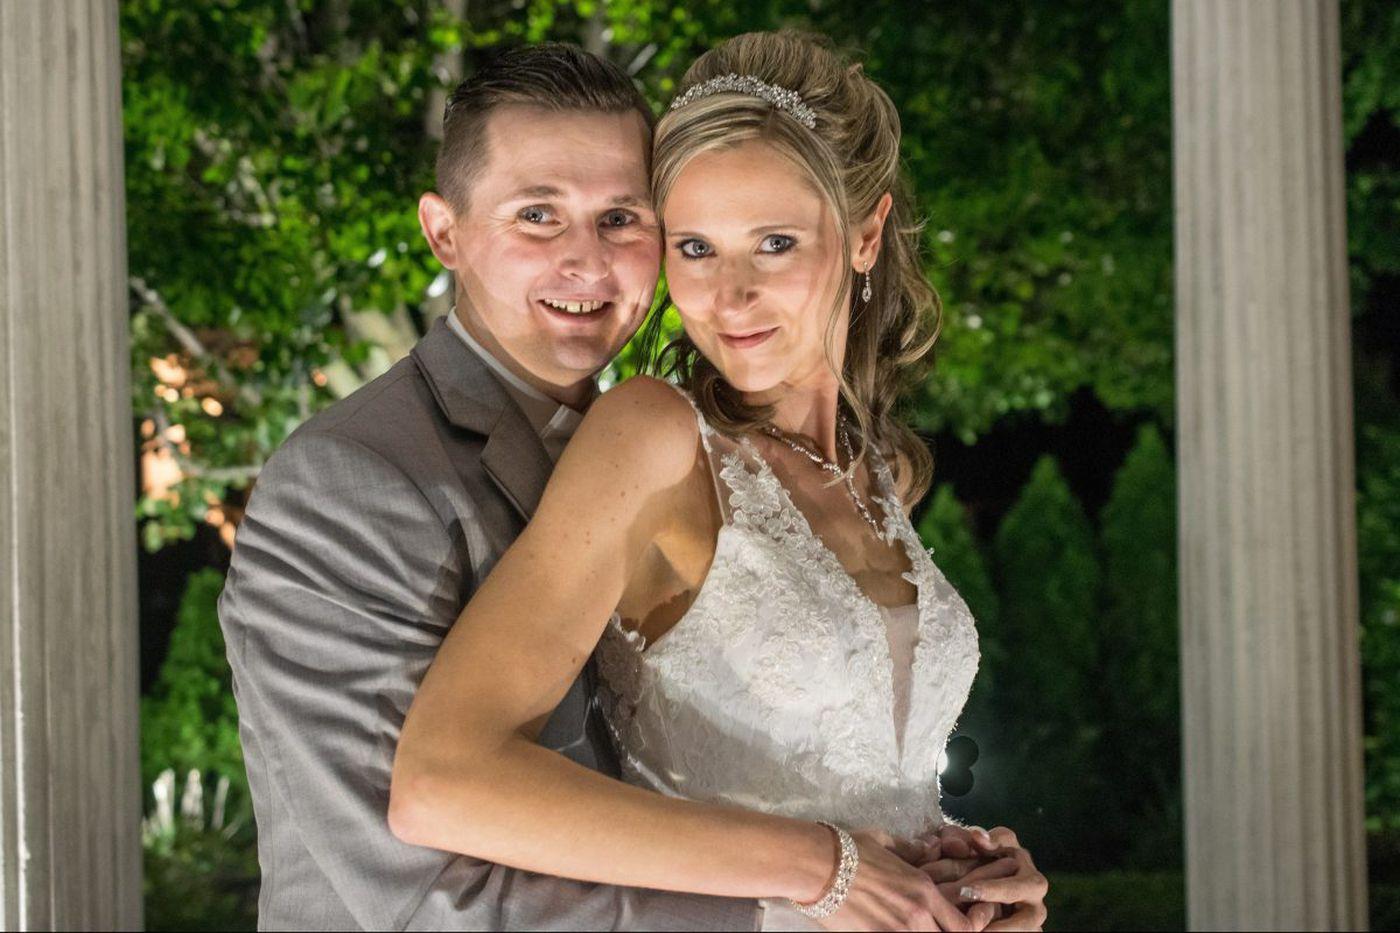 Weddings: Tara Hughes and Fred Reichwein III